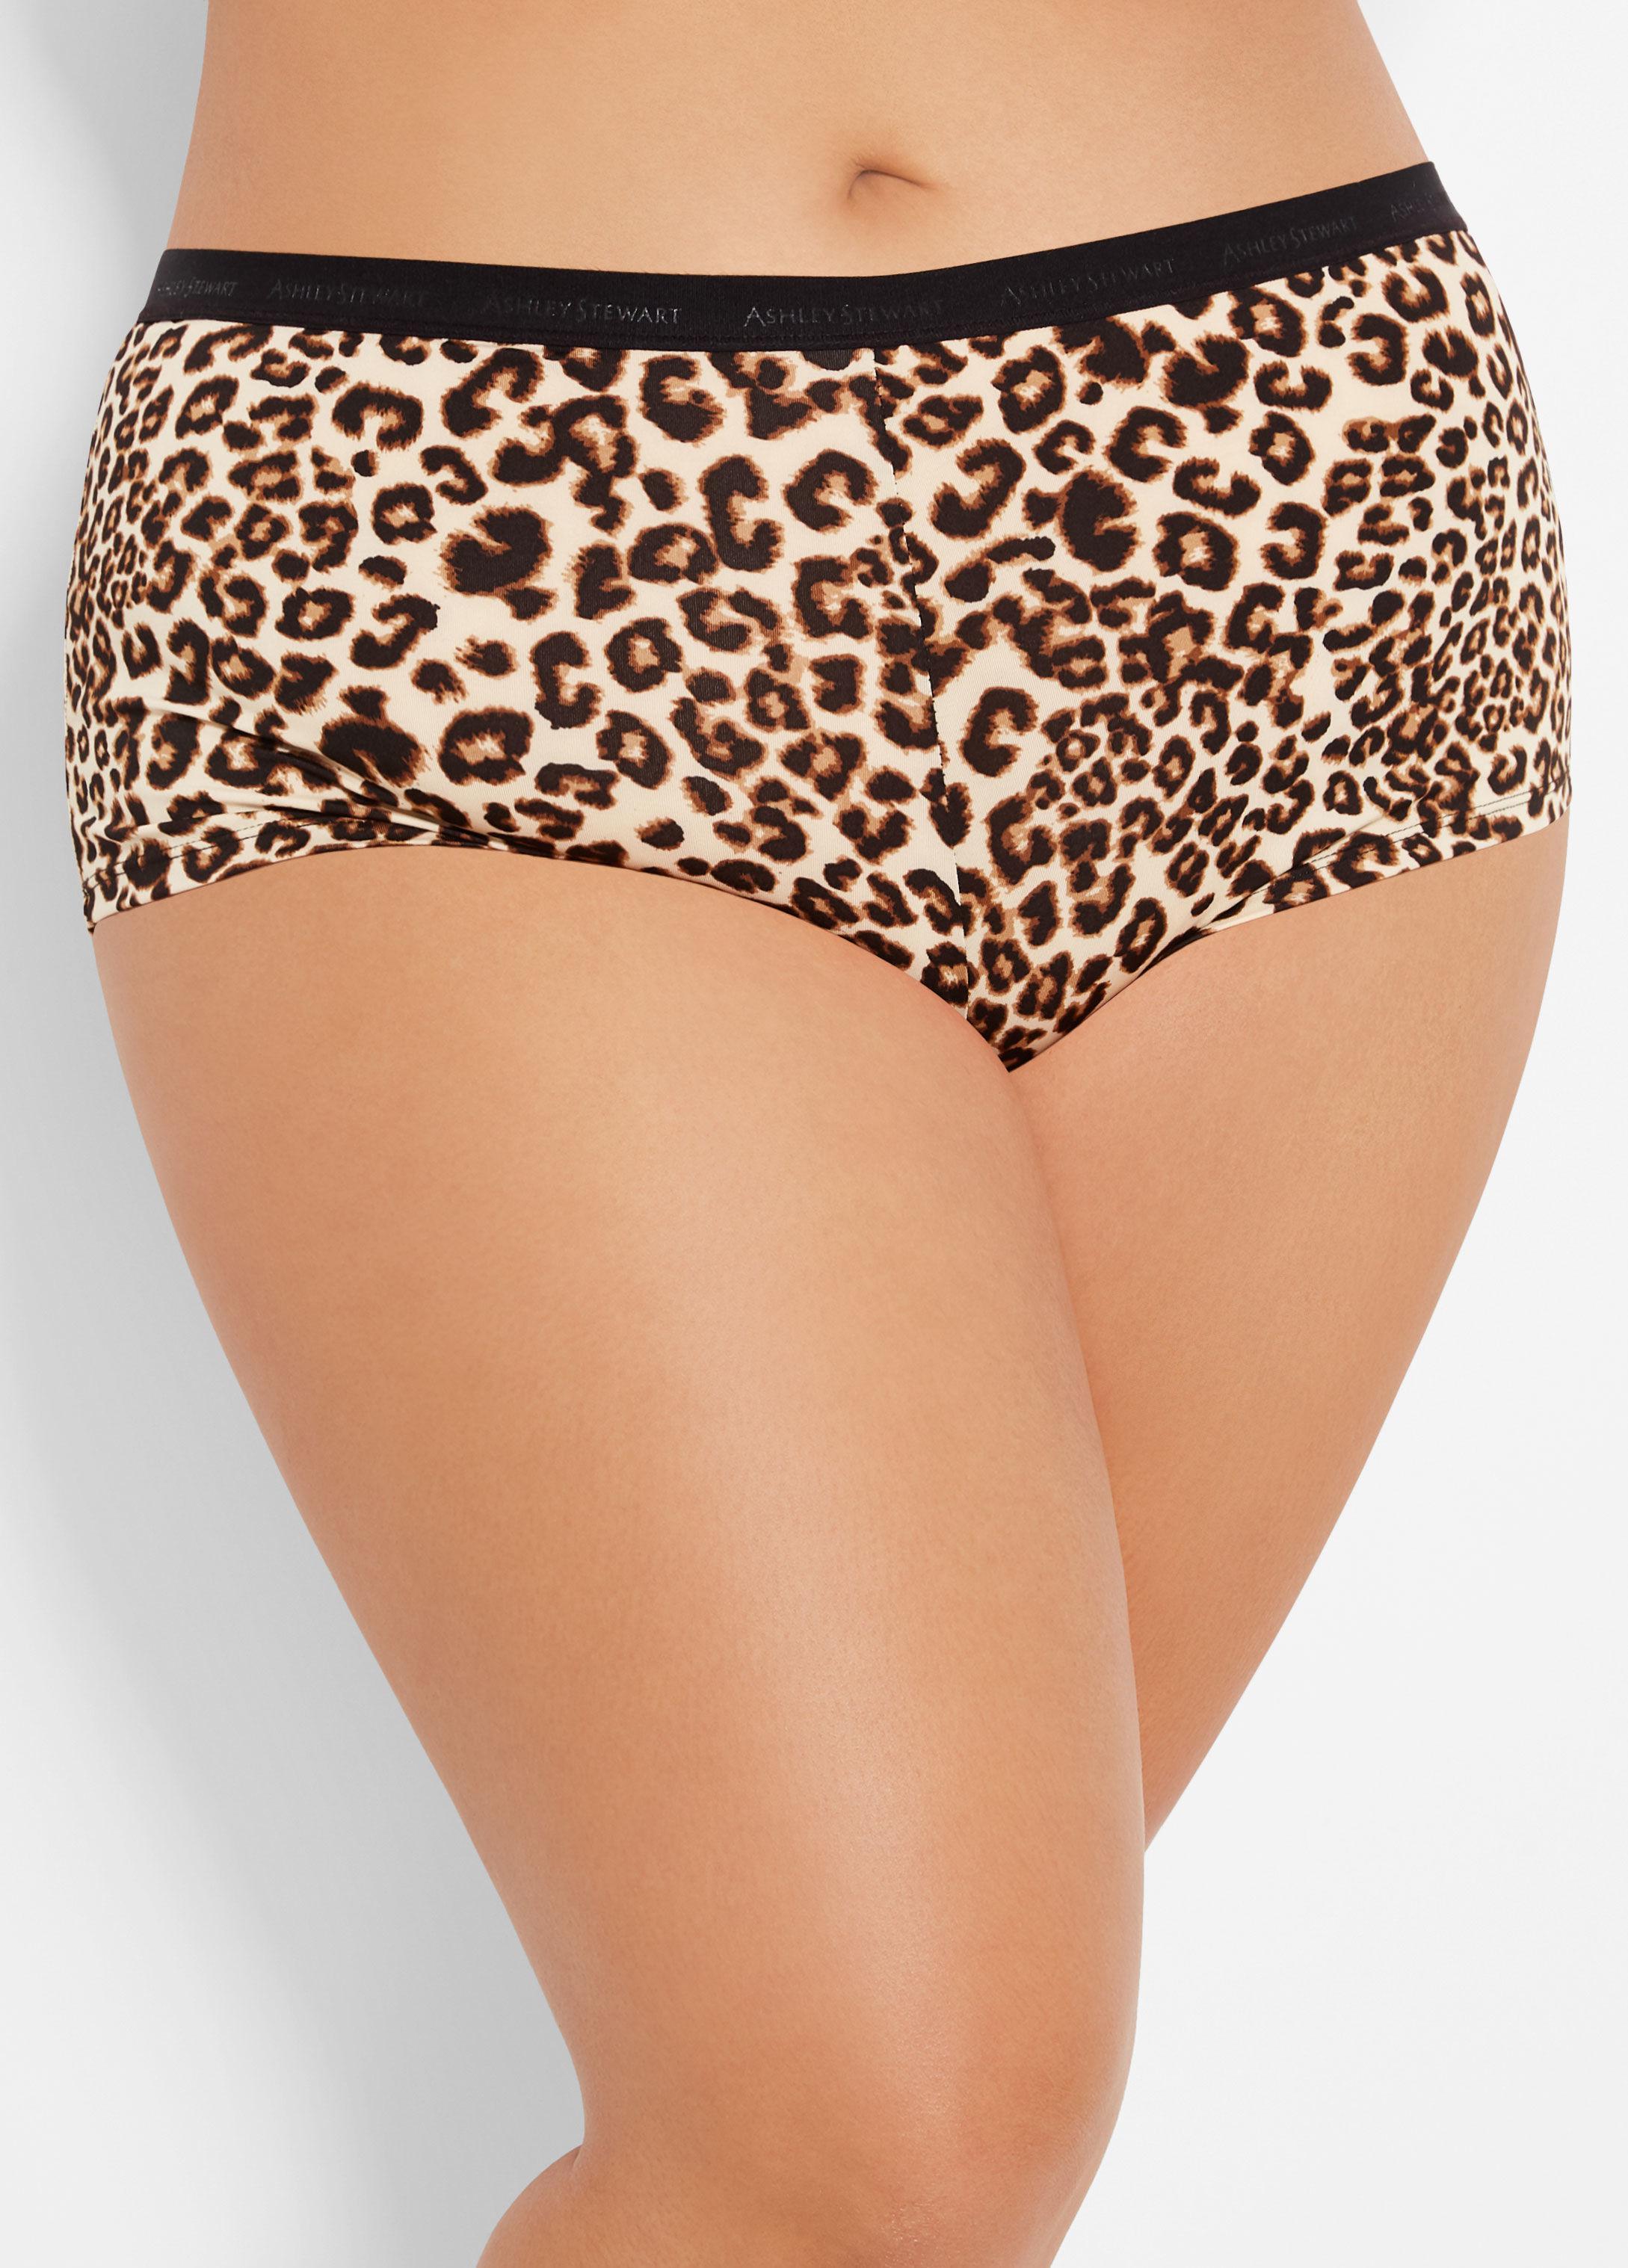 905416e099d7 Ashley Stewart. Women's Plus Size Floral Print Boyshort Panty